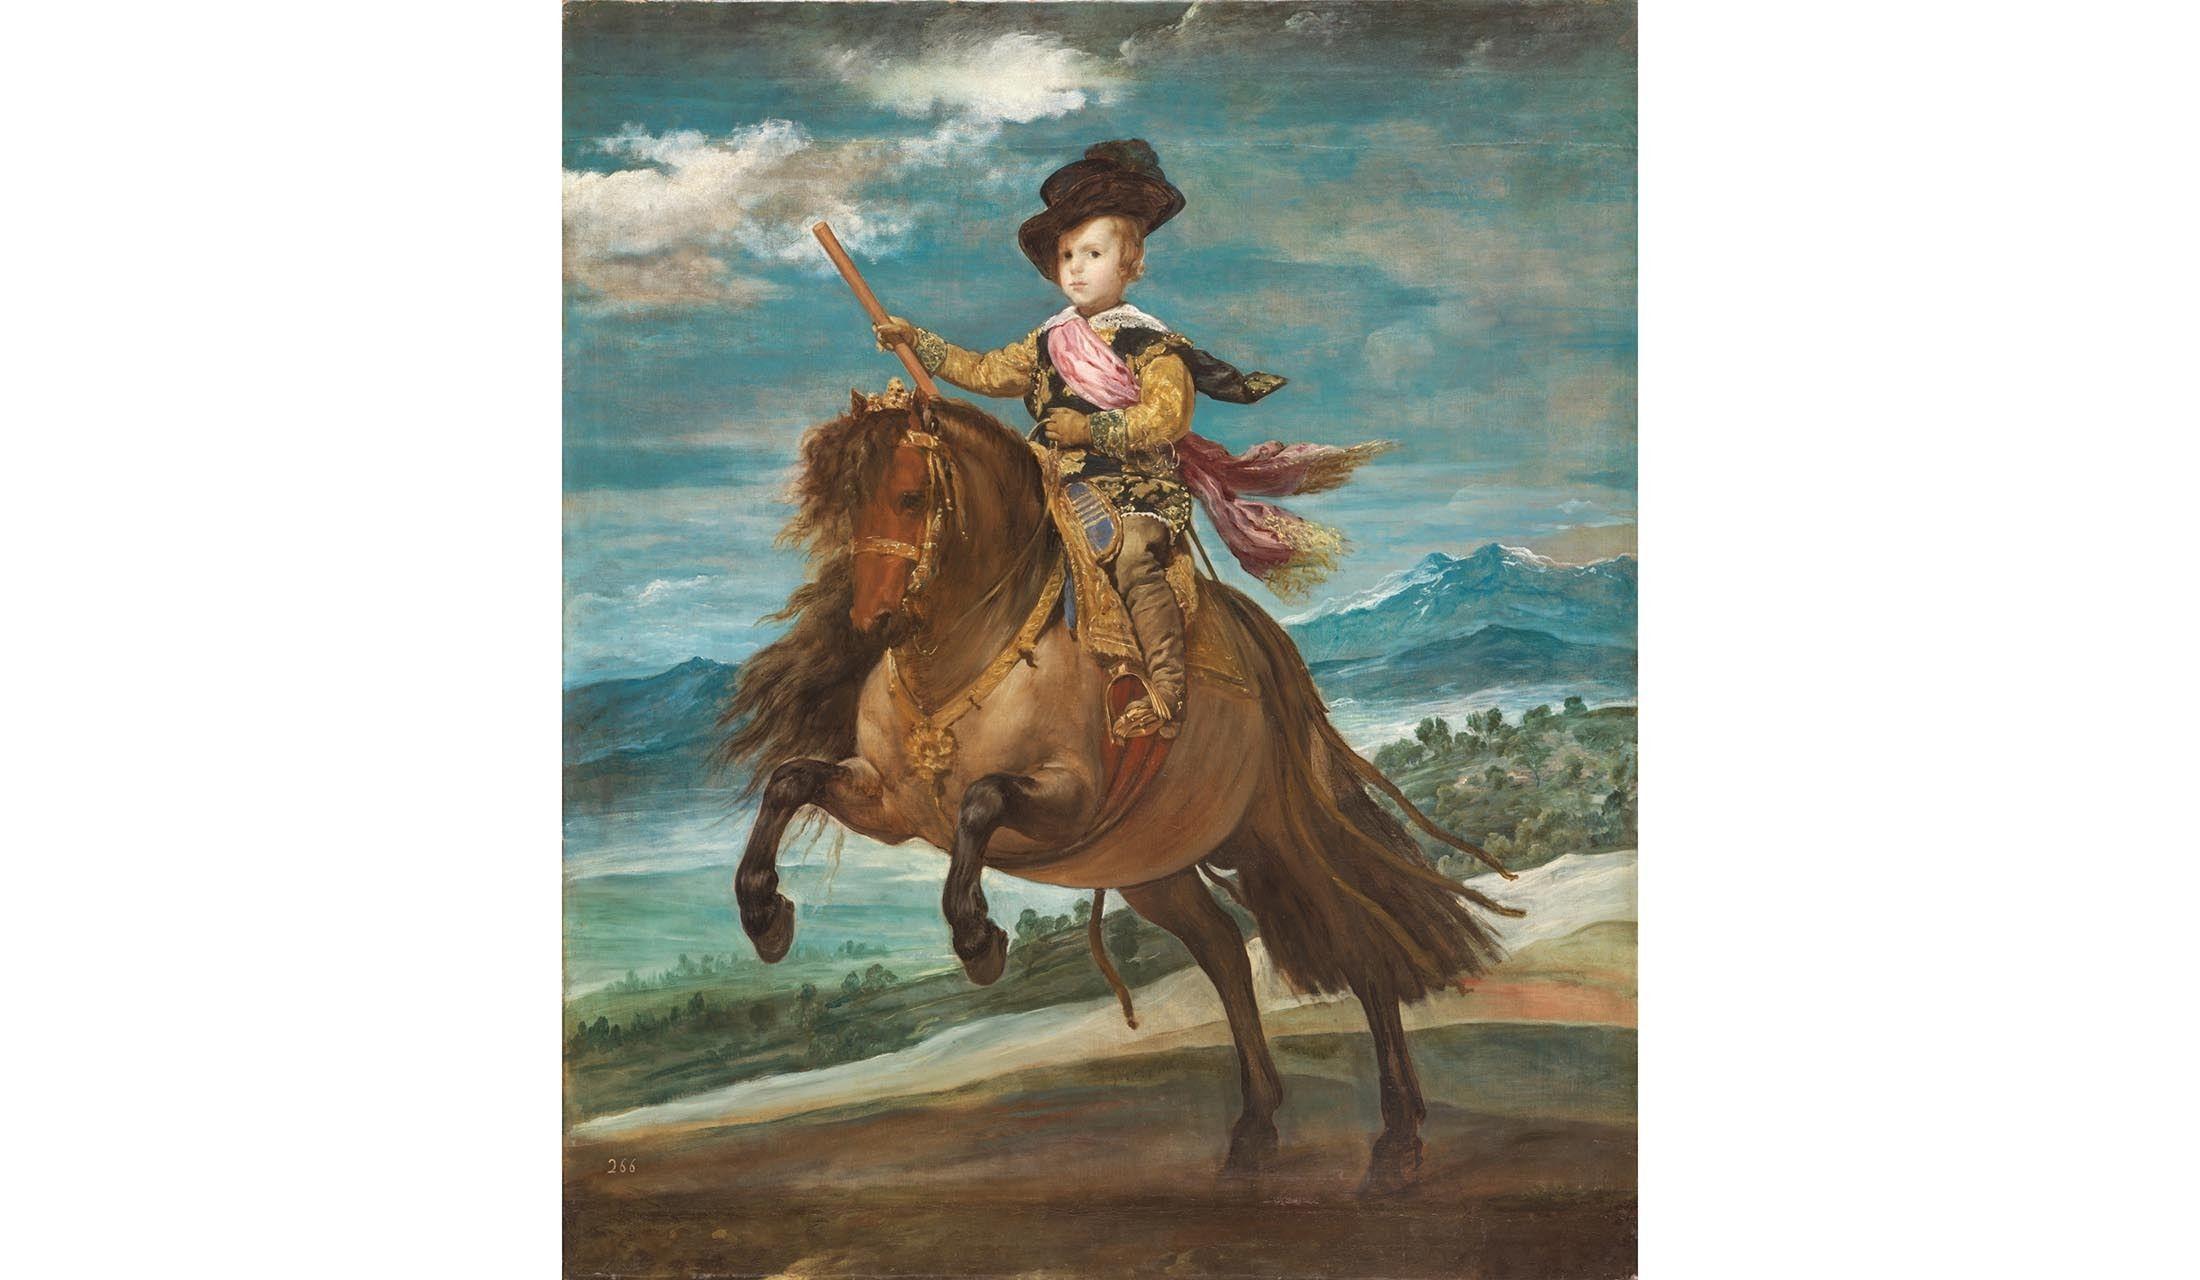 「プラド美術館展 ベラスケスと絵画の栄光」で展示される、ディエゴ・ベラスケスの『王太子バルタサール・カルロス騎馬像』